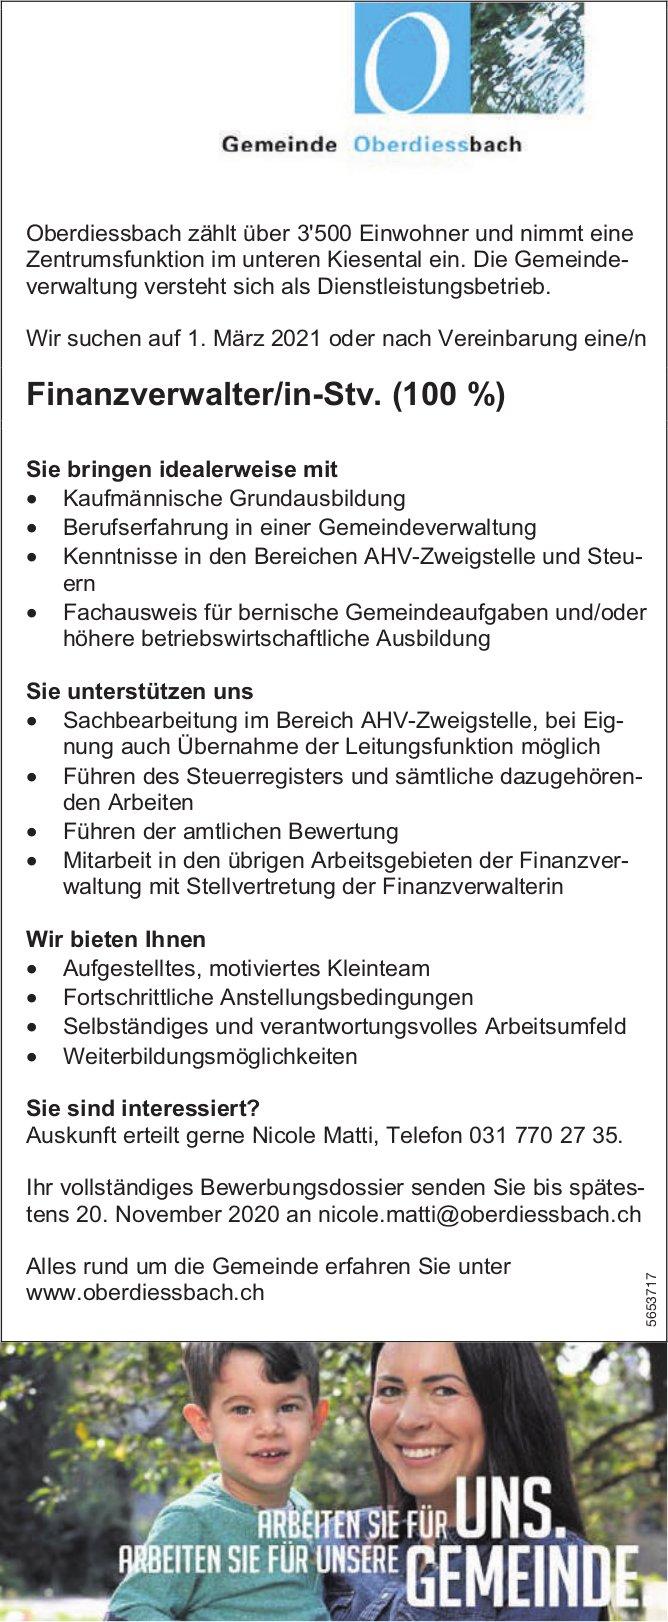 Finanzverwalter/in-Stv. (100%), Gemeinde, Oberdiessbach, gesucht